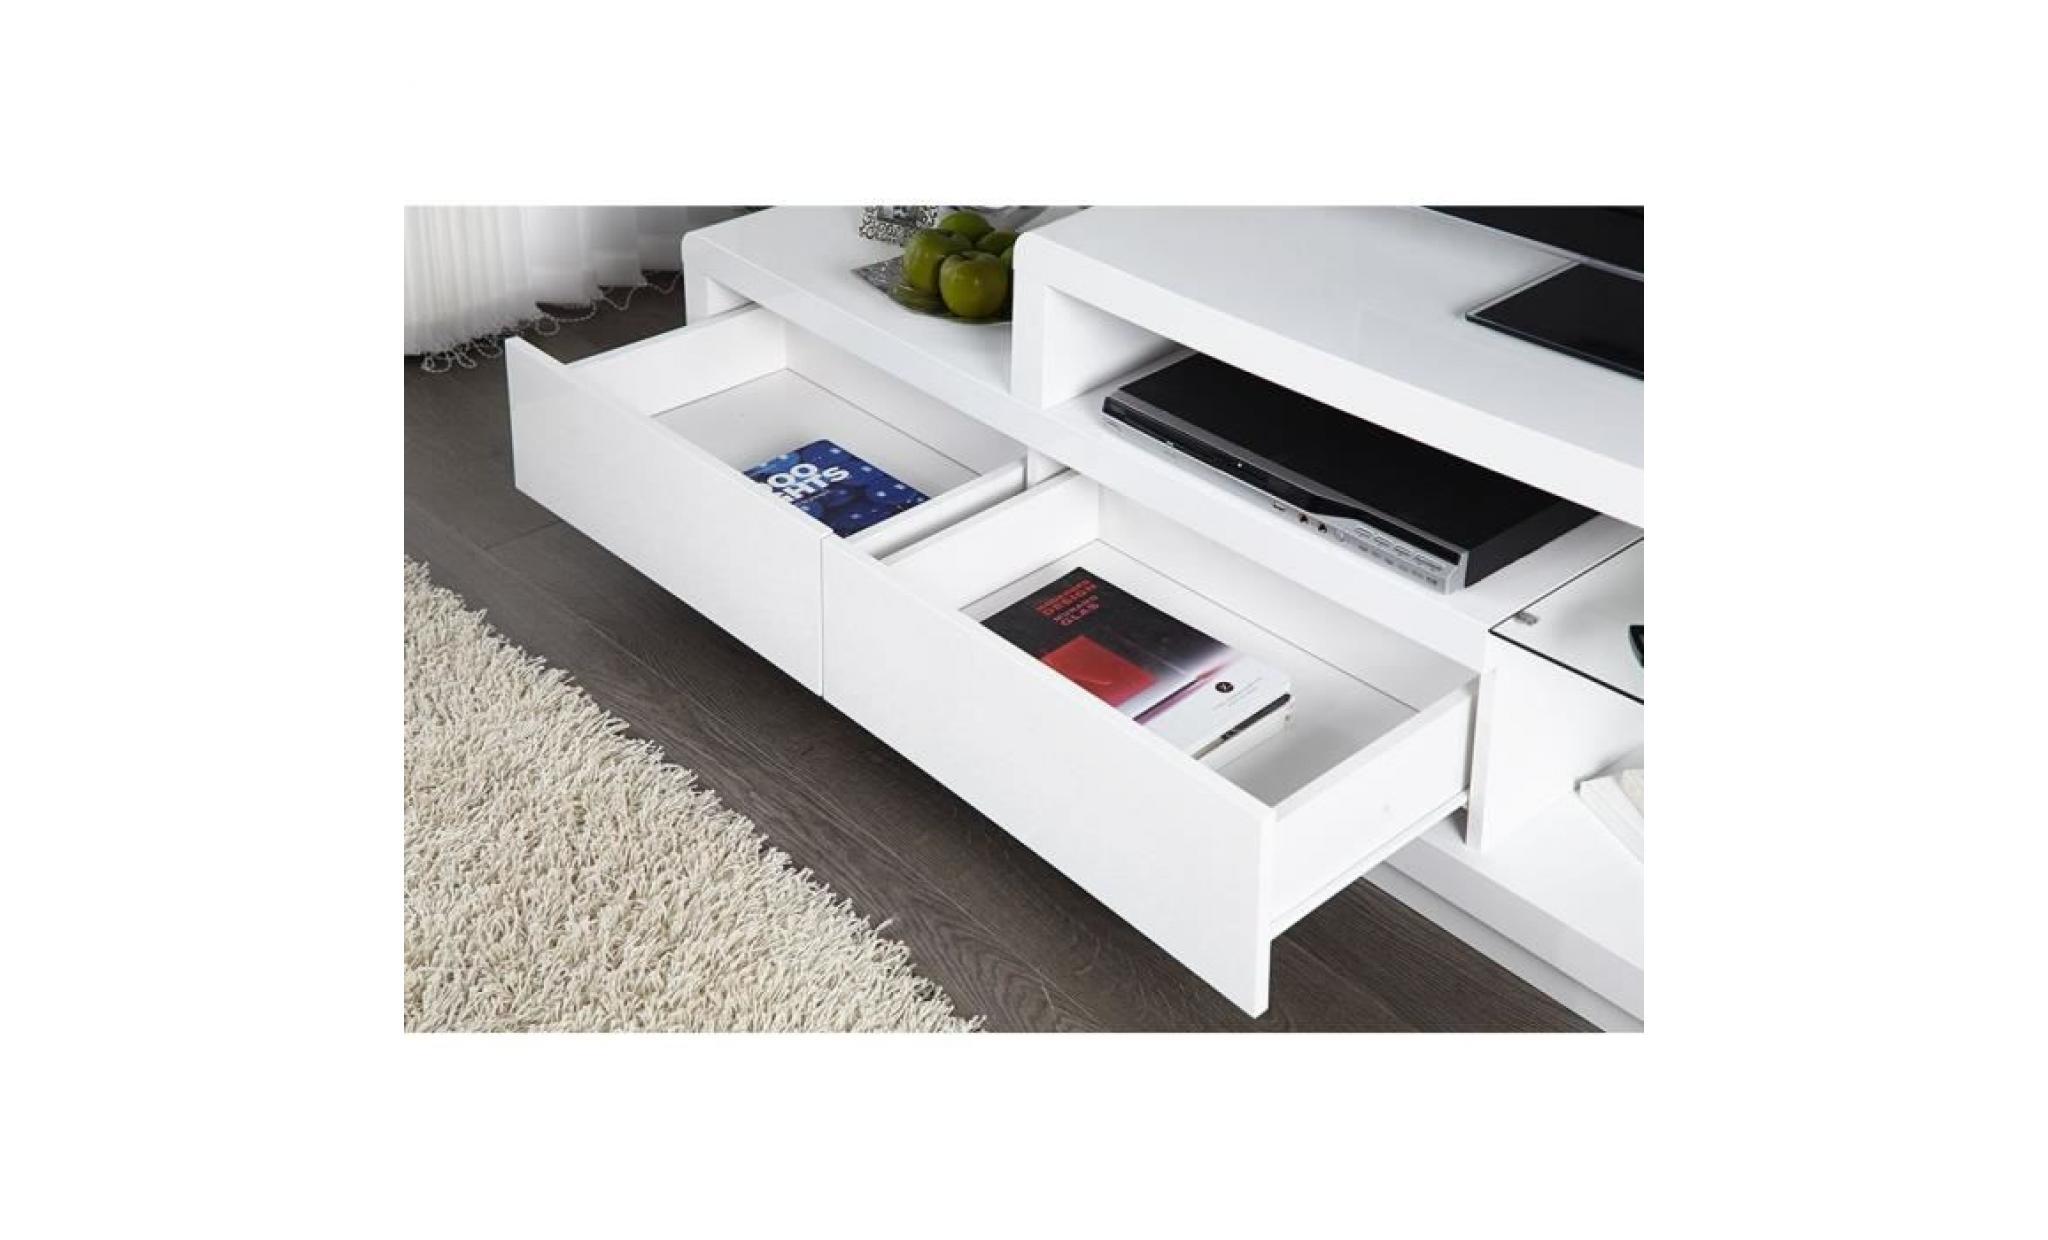 meuble tv meuble de salon nels blanc laqu led achat vente meuble tv pas cher couleur et. Black Bedroom Furniture Sets. Home Design Ideas